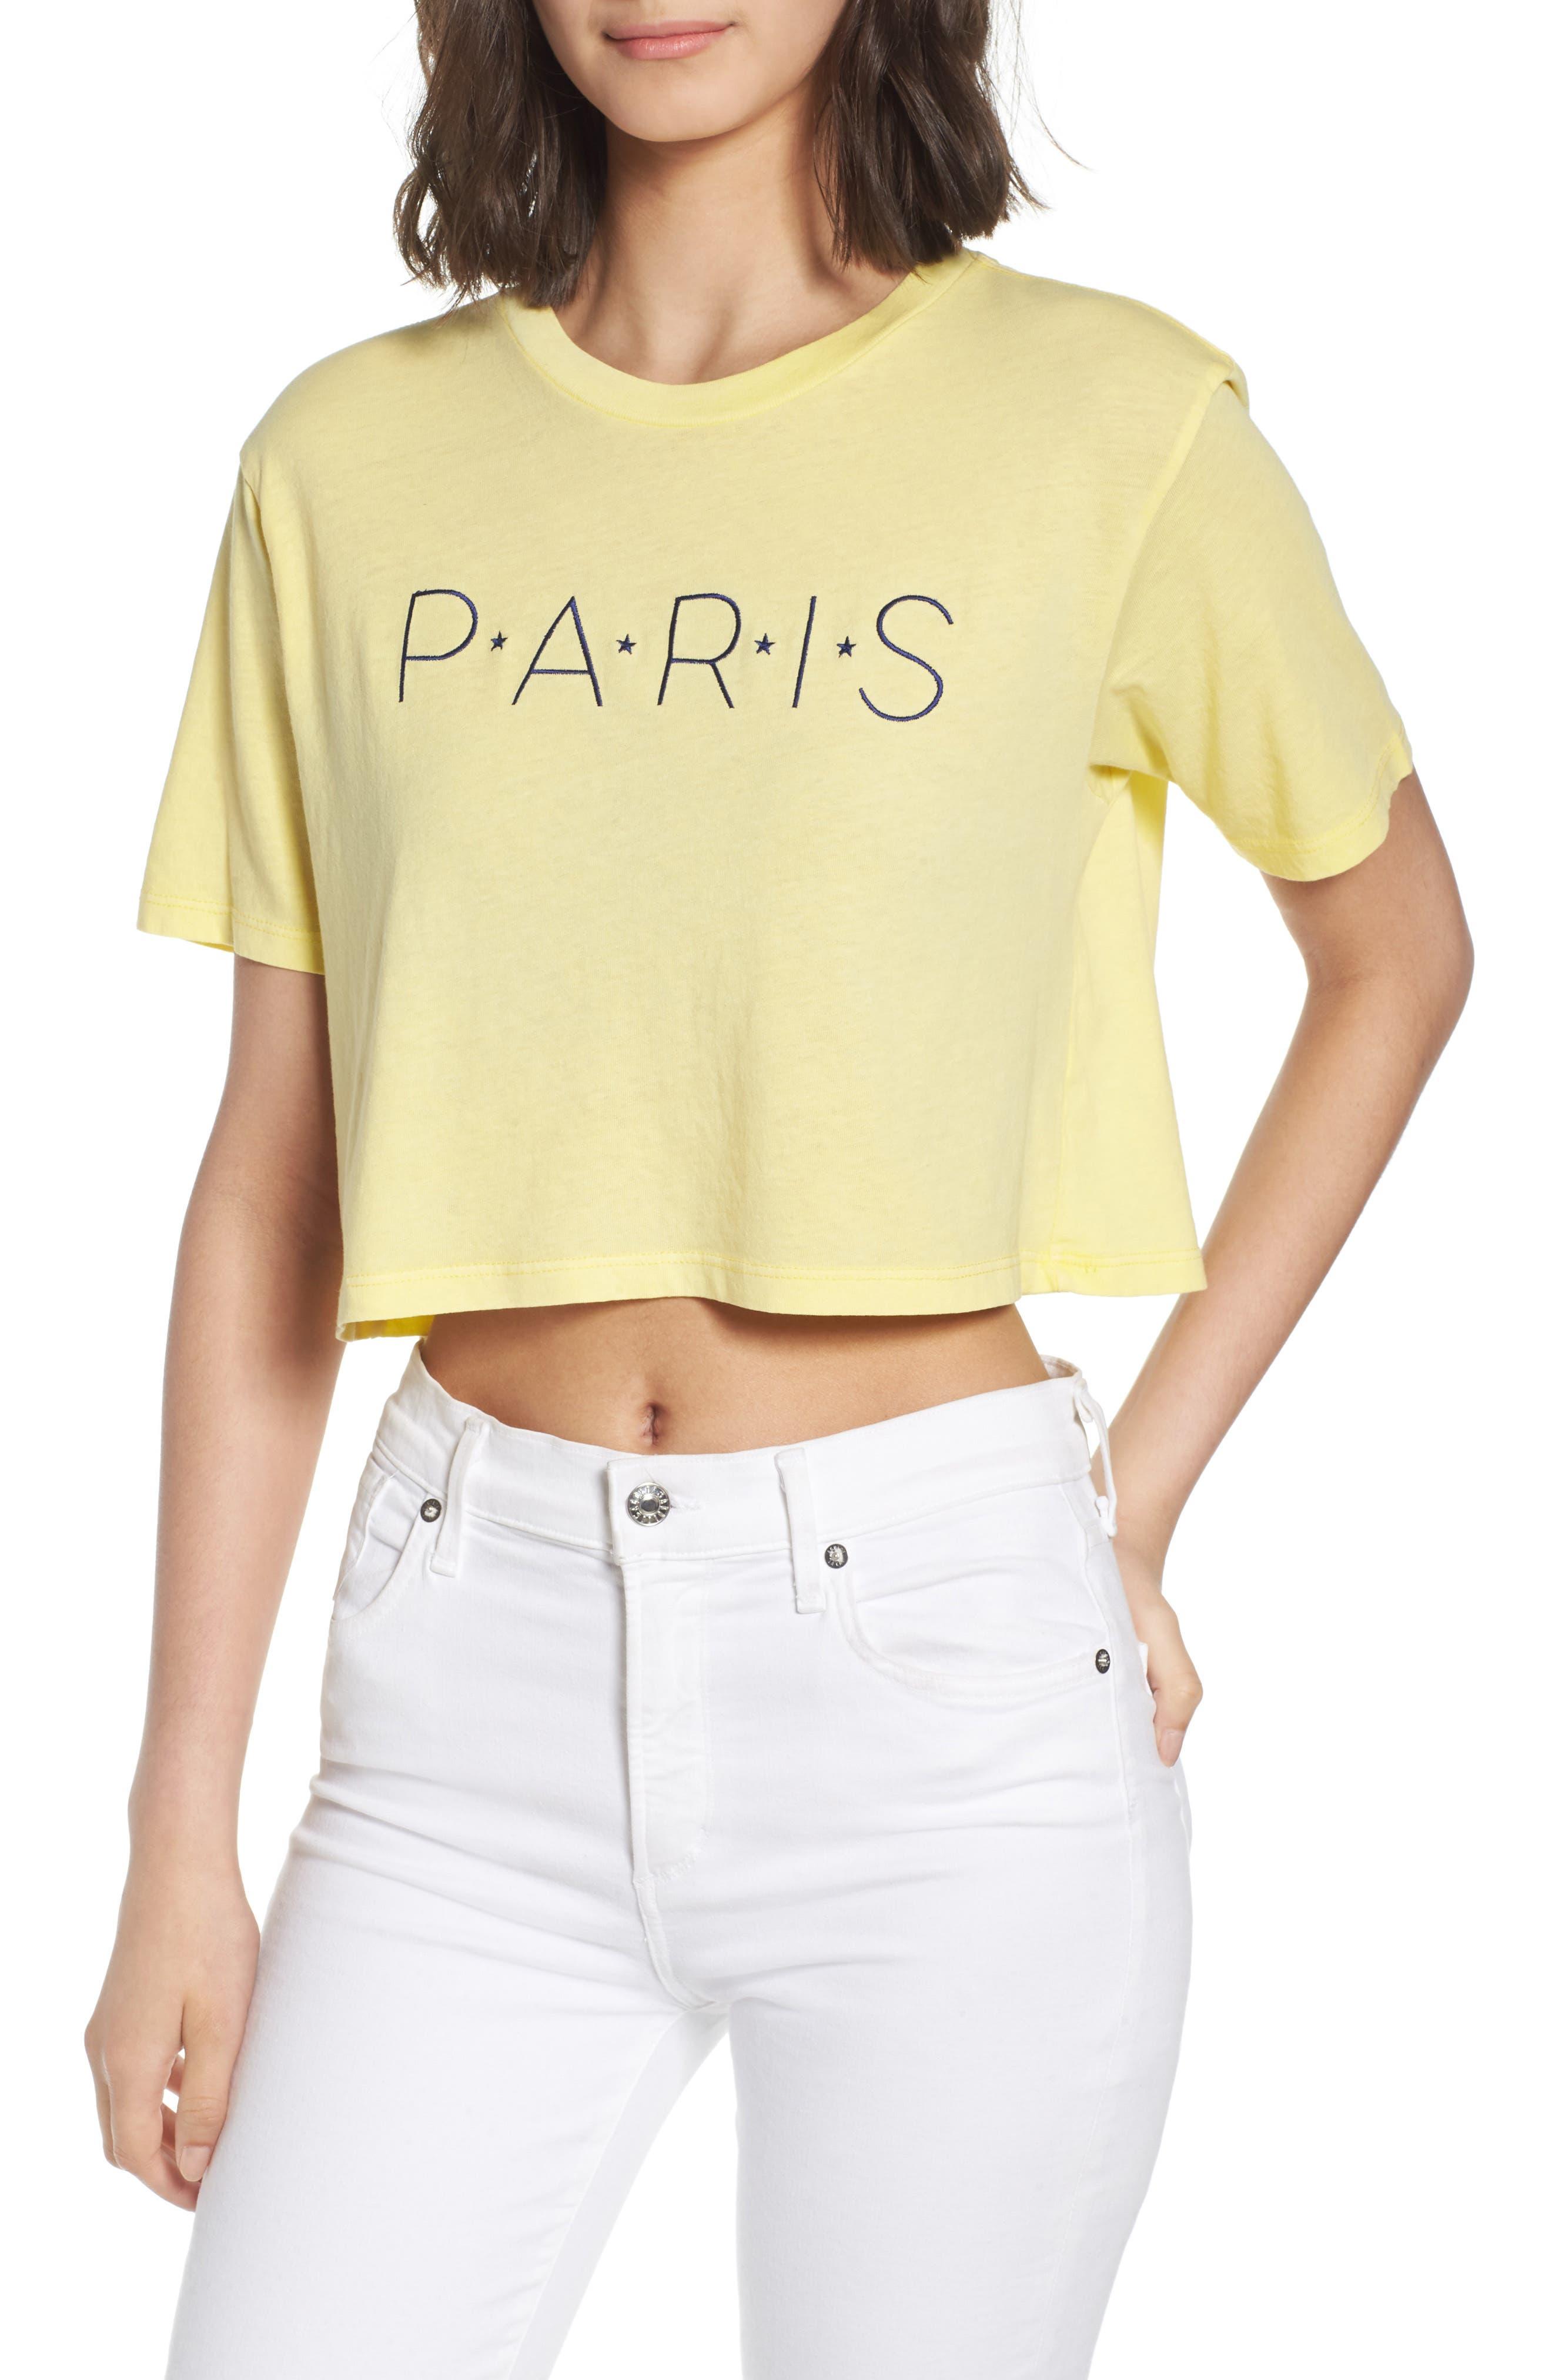 Paris Crop Tee,                             Main thumbnail 1, color,                             Washed Yellow